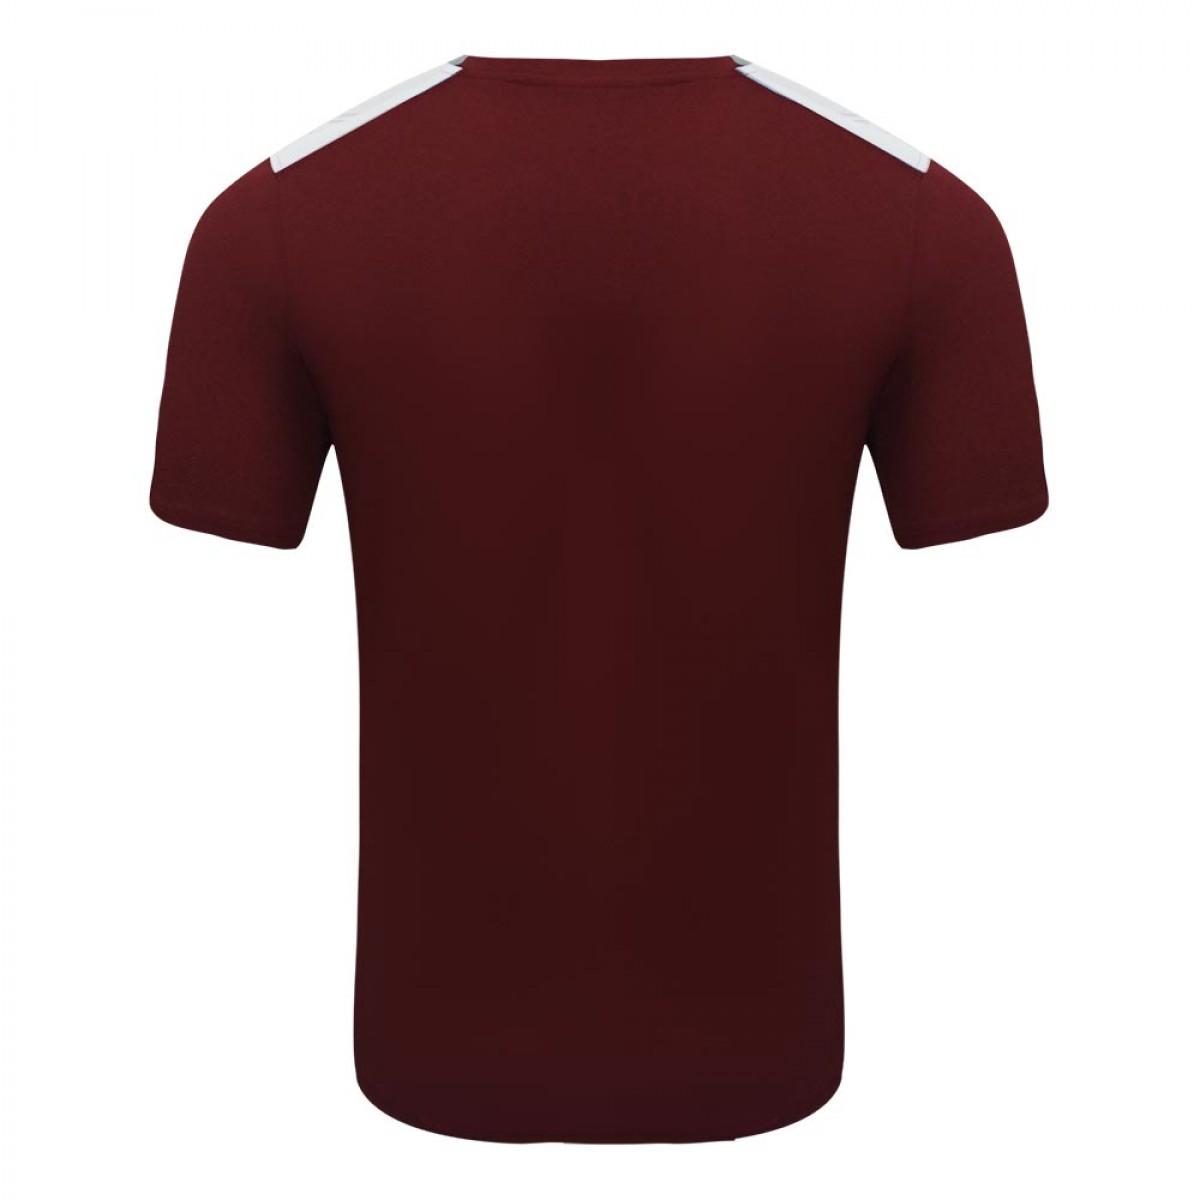 mens-knitted-round-neck-t-shirt-kkrt15953-11a